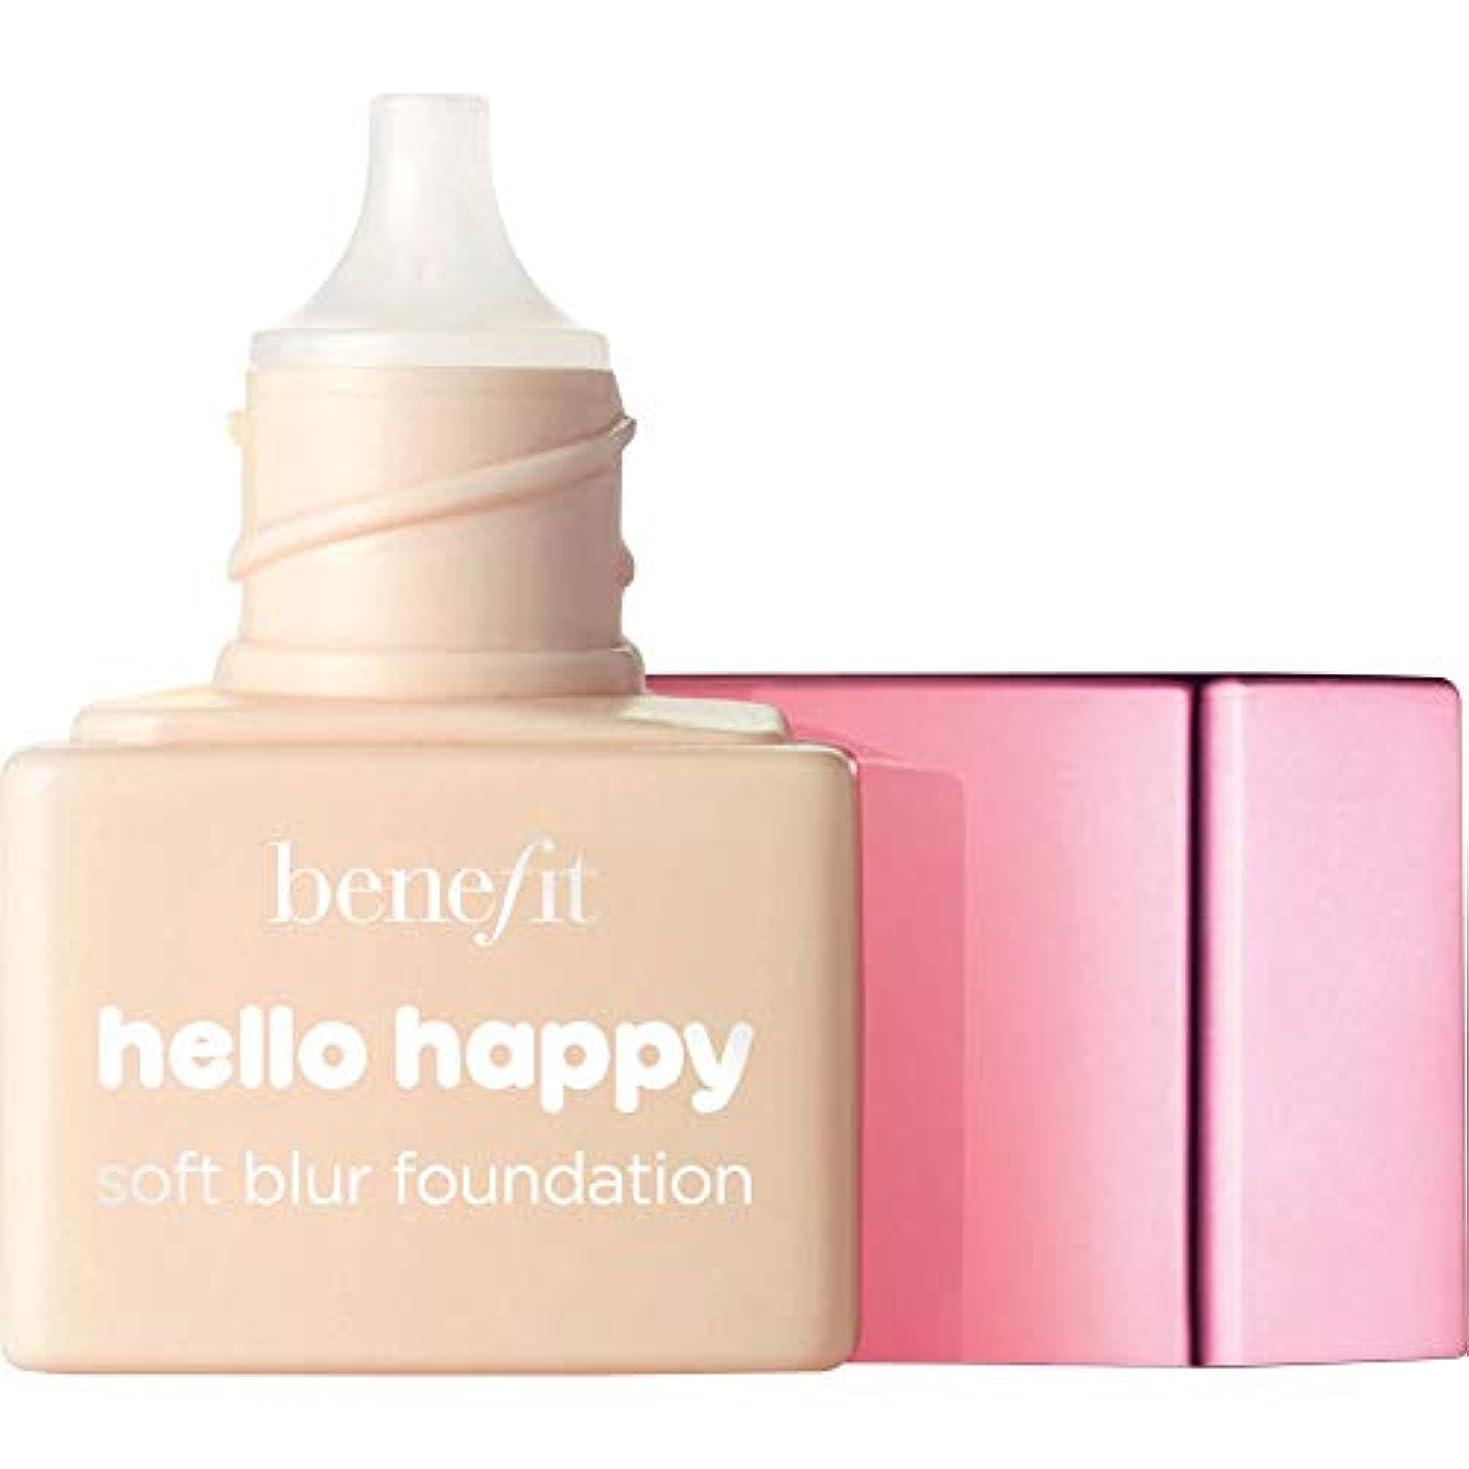 練る確保する高齢者[Benefit ] ミニ2 - - ハロー幸せソフトブラー基礎Spf15の6ミリリットルの利益に暖かい光 - Benefit Hello Happy Soft Blur Foundation SPF15 6ml - Mini...